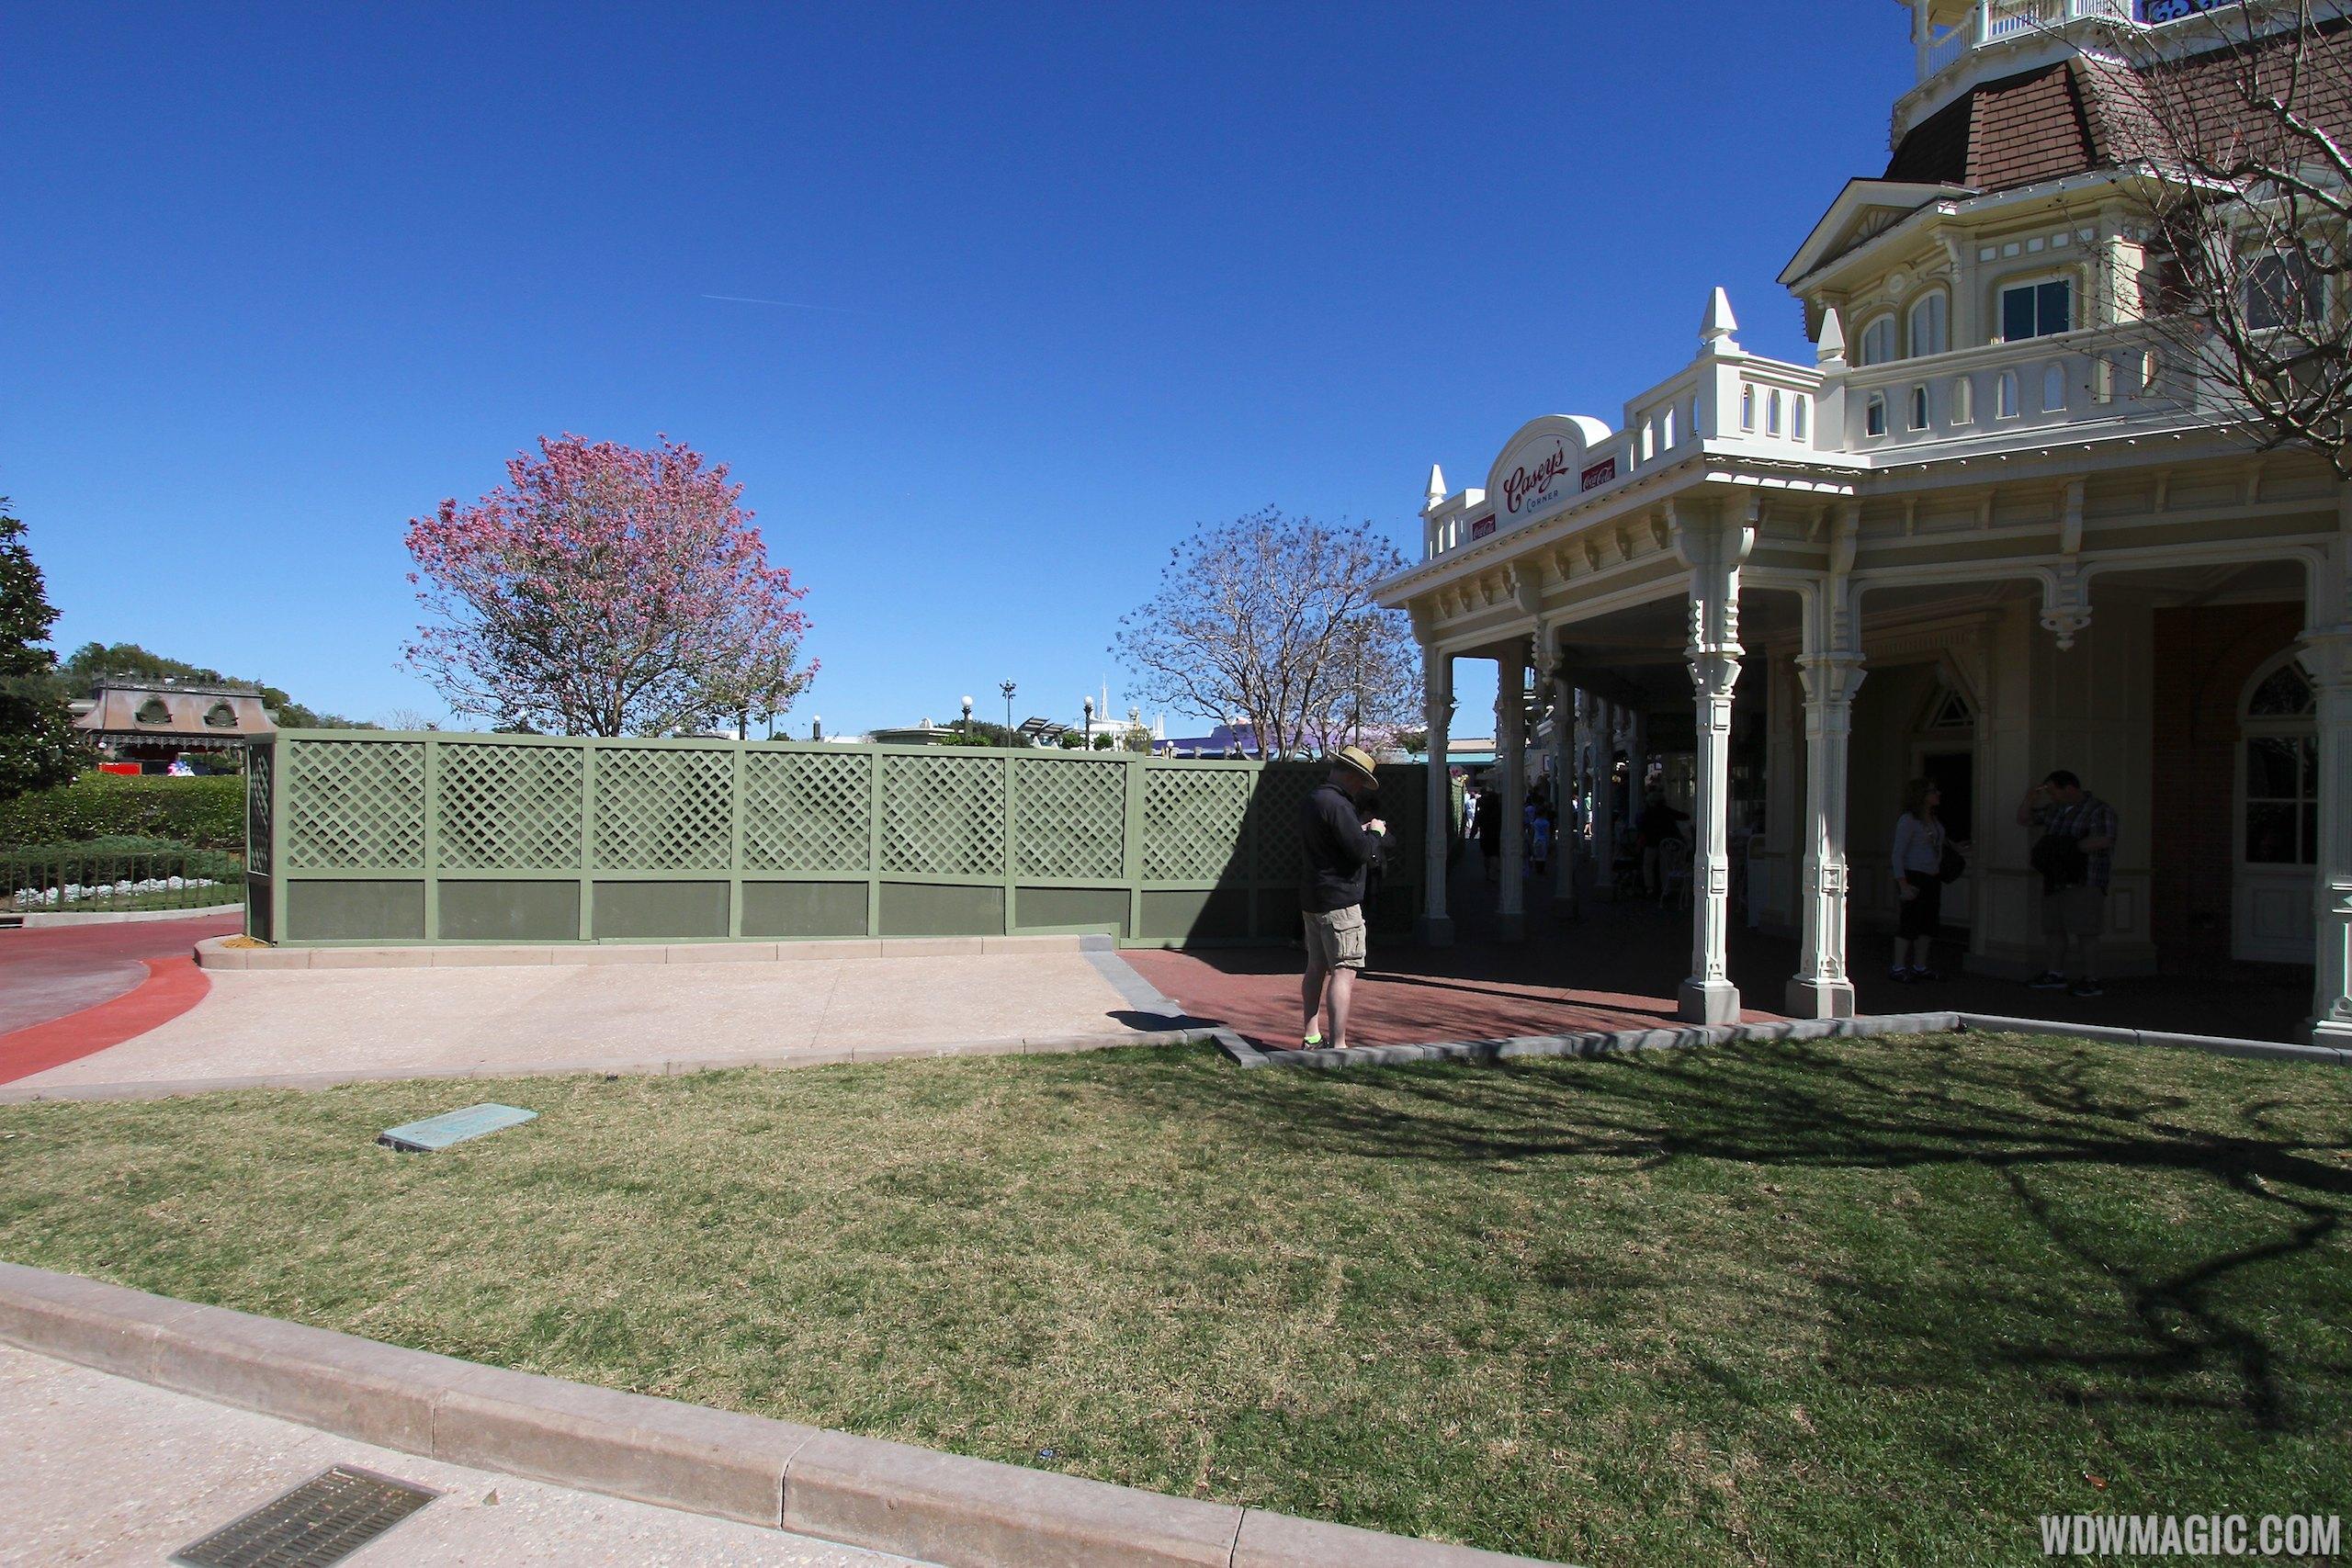 Casey's Corner exterior walkway area refurbishment